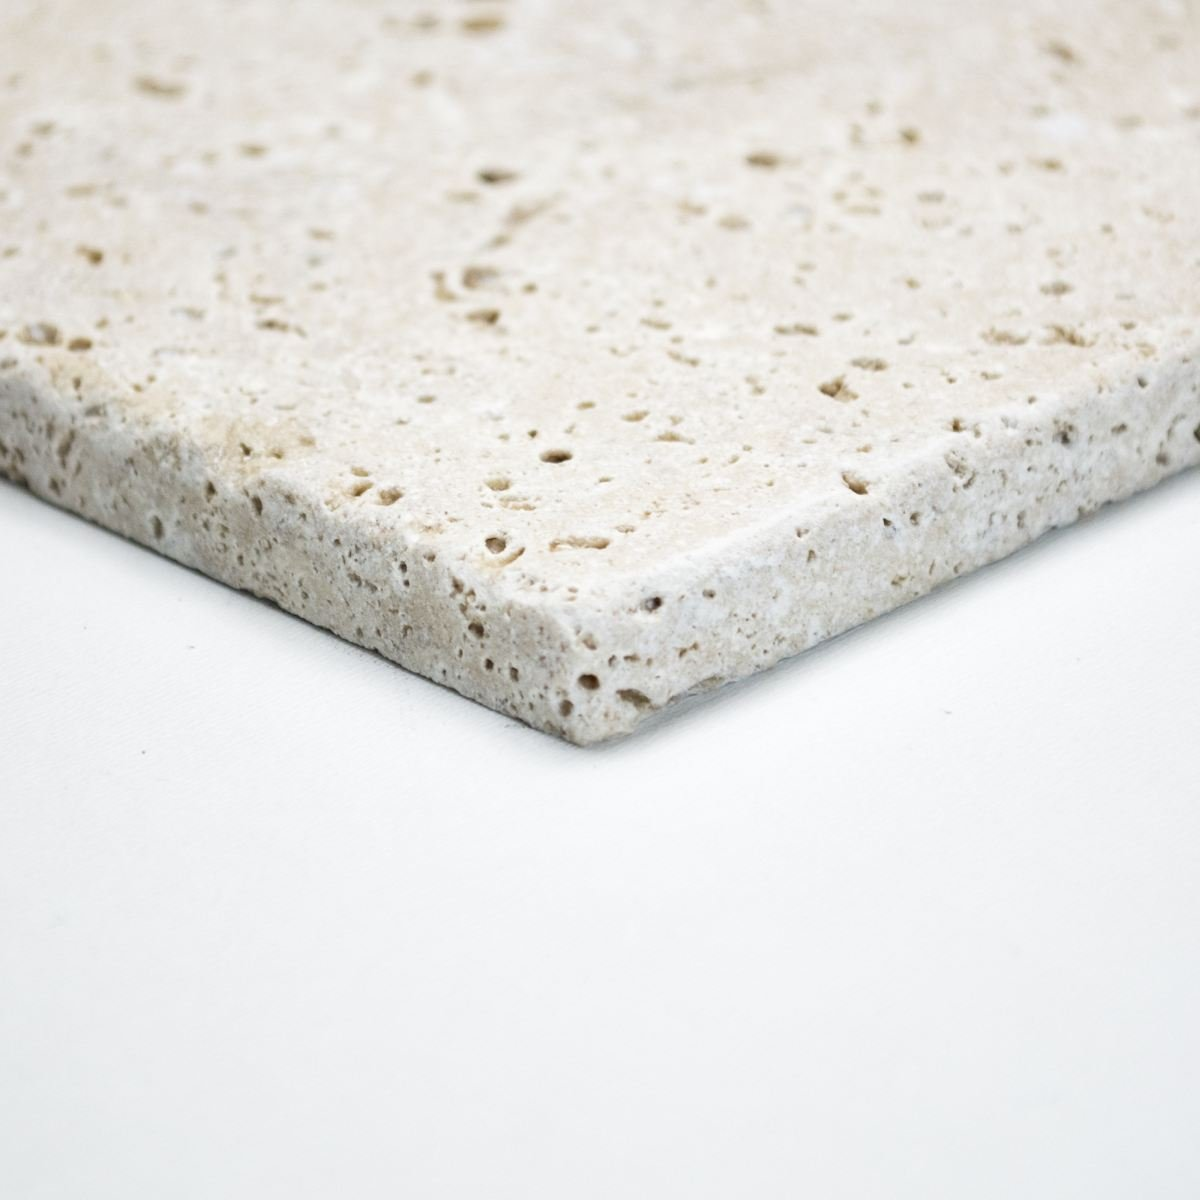 Mosaico Matte mosaico placa mosaico azulejos piedra natural beige m/ármol Chiaro Travertine Antique para suelo pared ba/ño inodoro ducha cocina azulejos Espejo Mostradores cubierta para ba/ñera